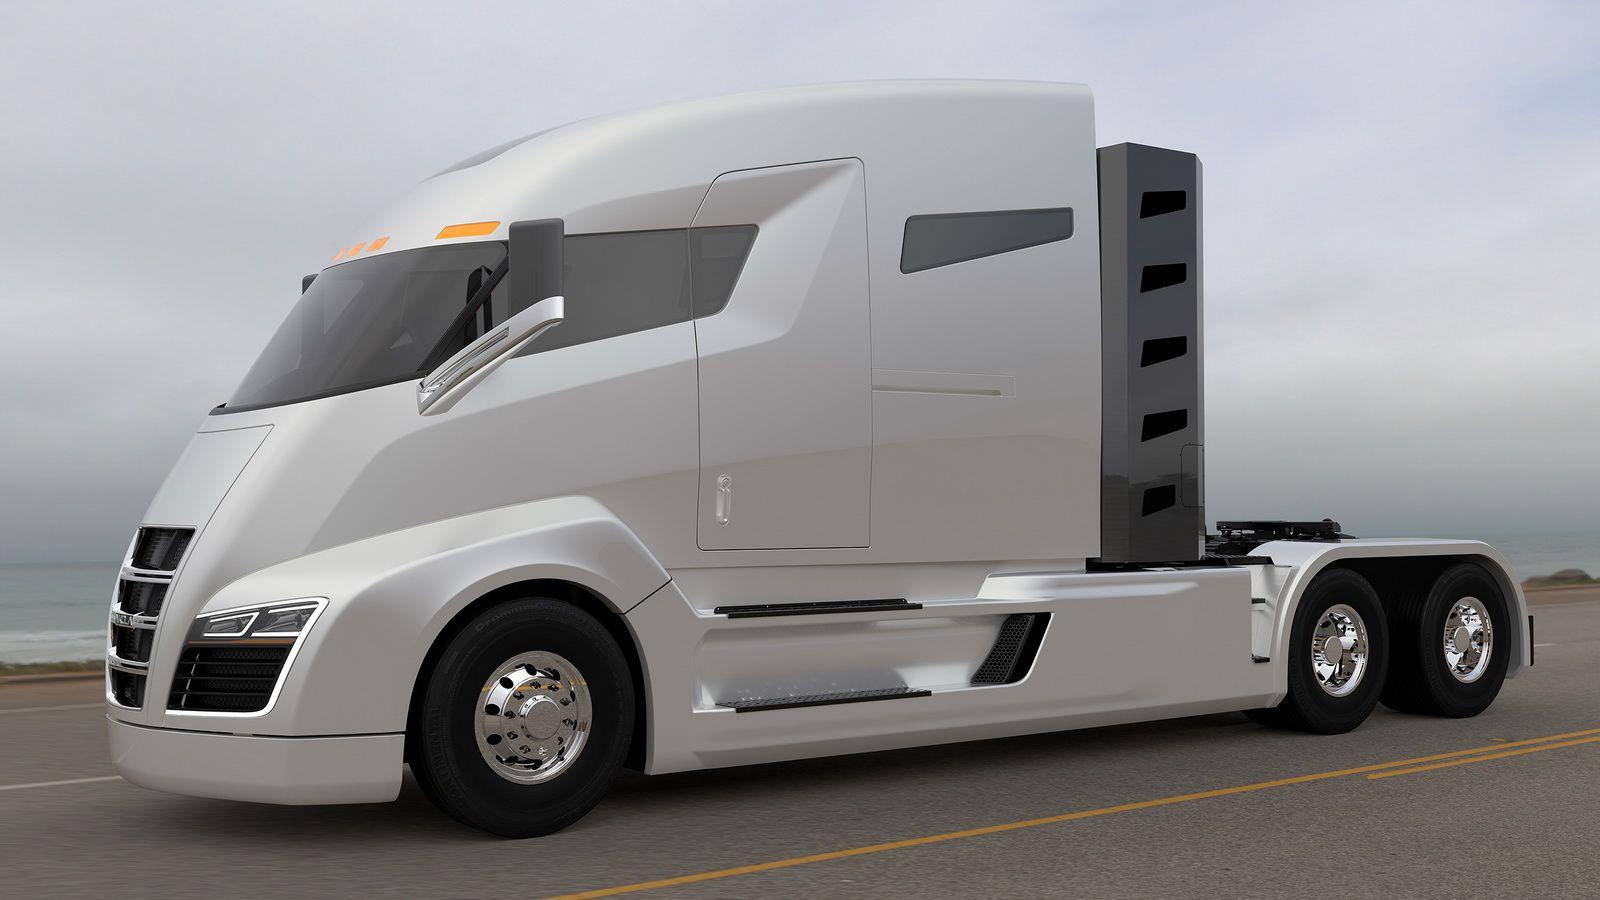 Empresa apresenta caminhão híbrido com autonomia de mais de 1.900 km